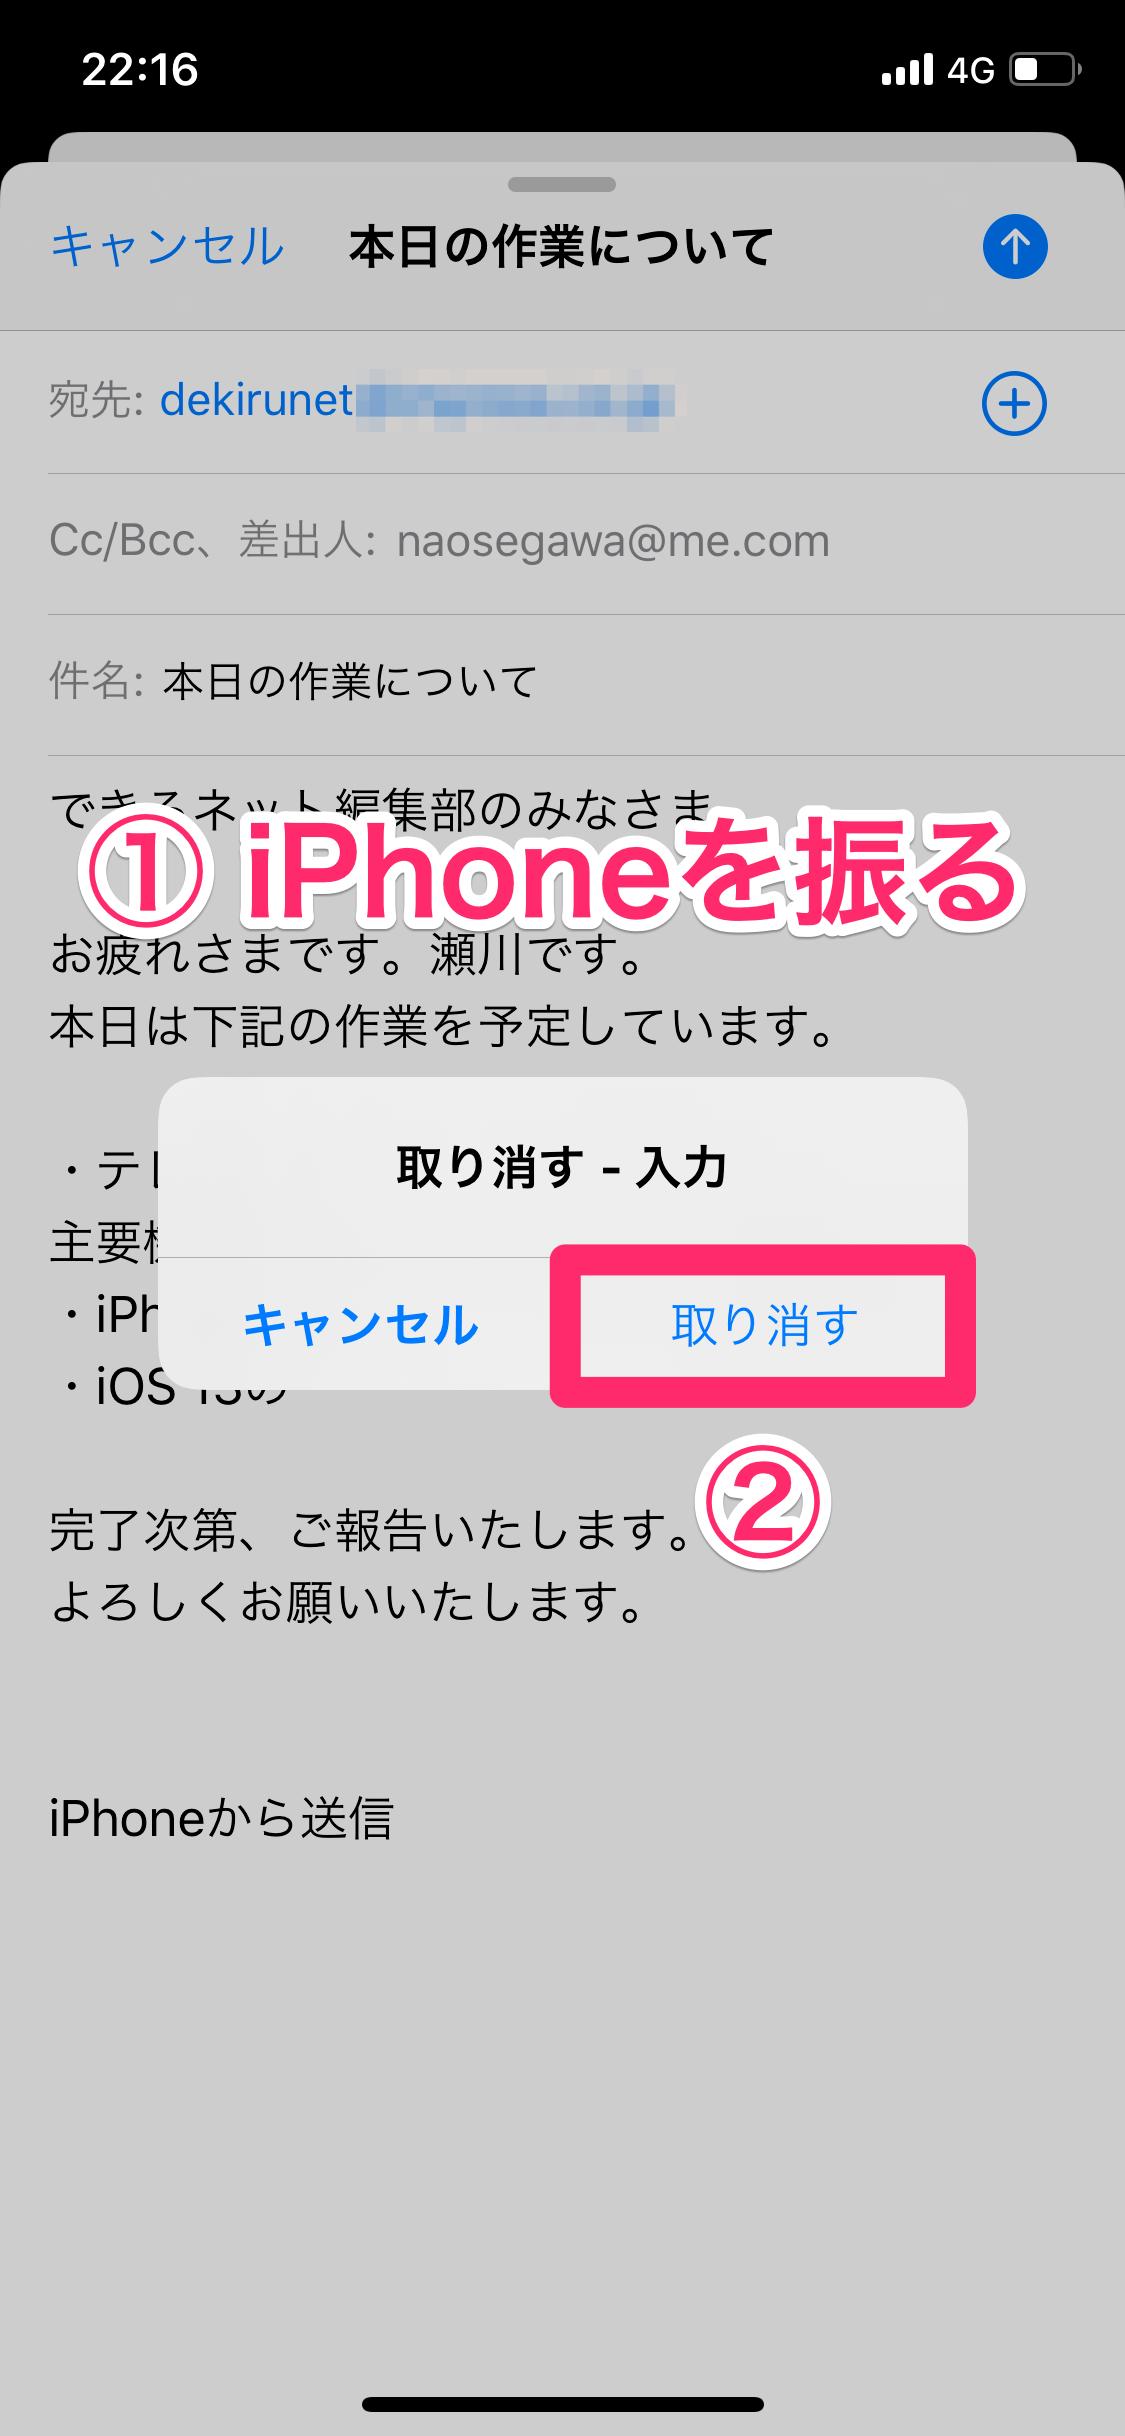 【iOS 13】「シェイクで取り消し」はもう古い! 3本指でタップすればiPhoneを落とす心配なし